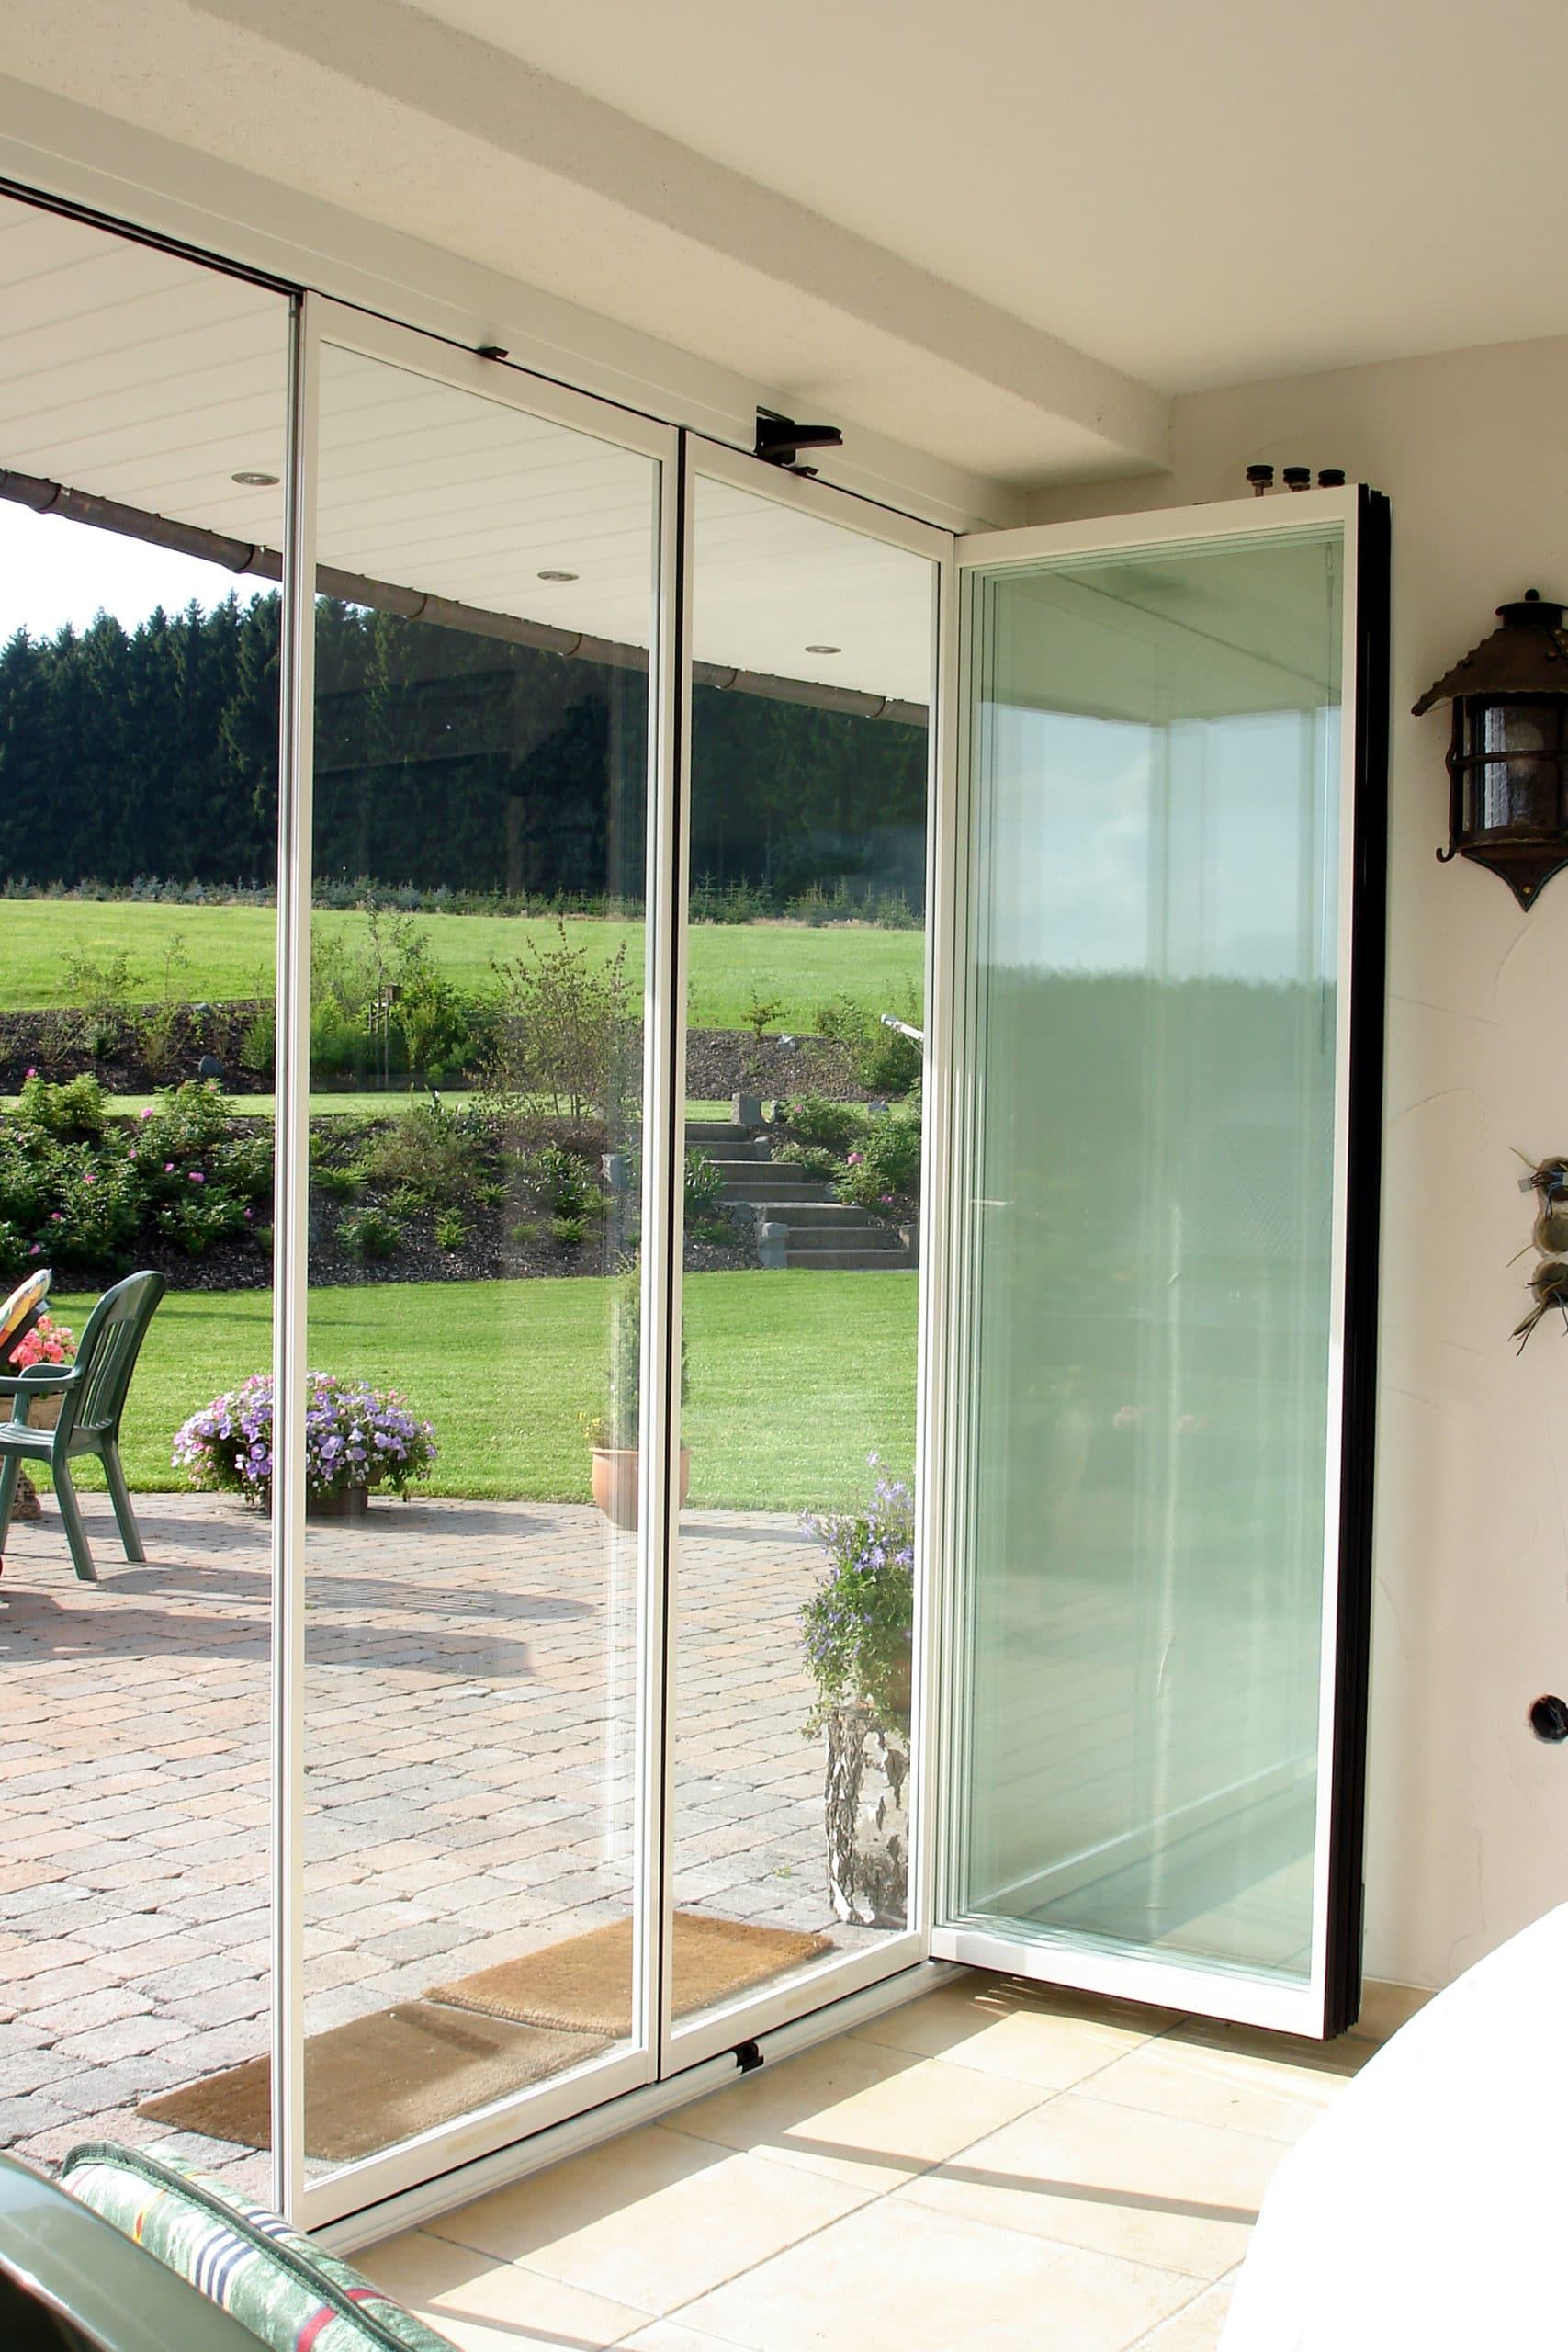 Wind- Staub- und Lärmschutz für Terrasse mit einer Verglasung